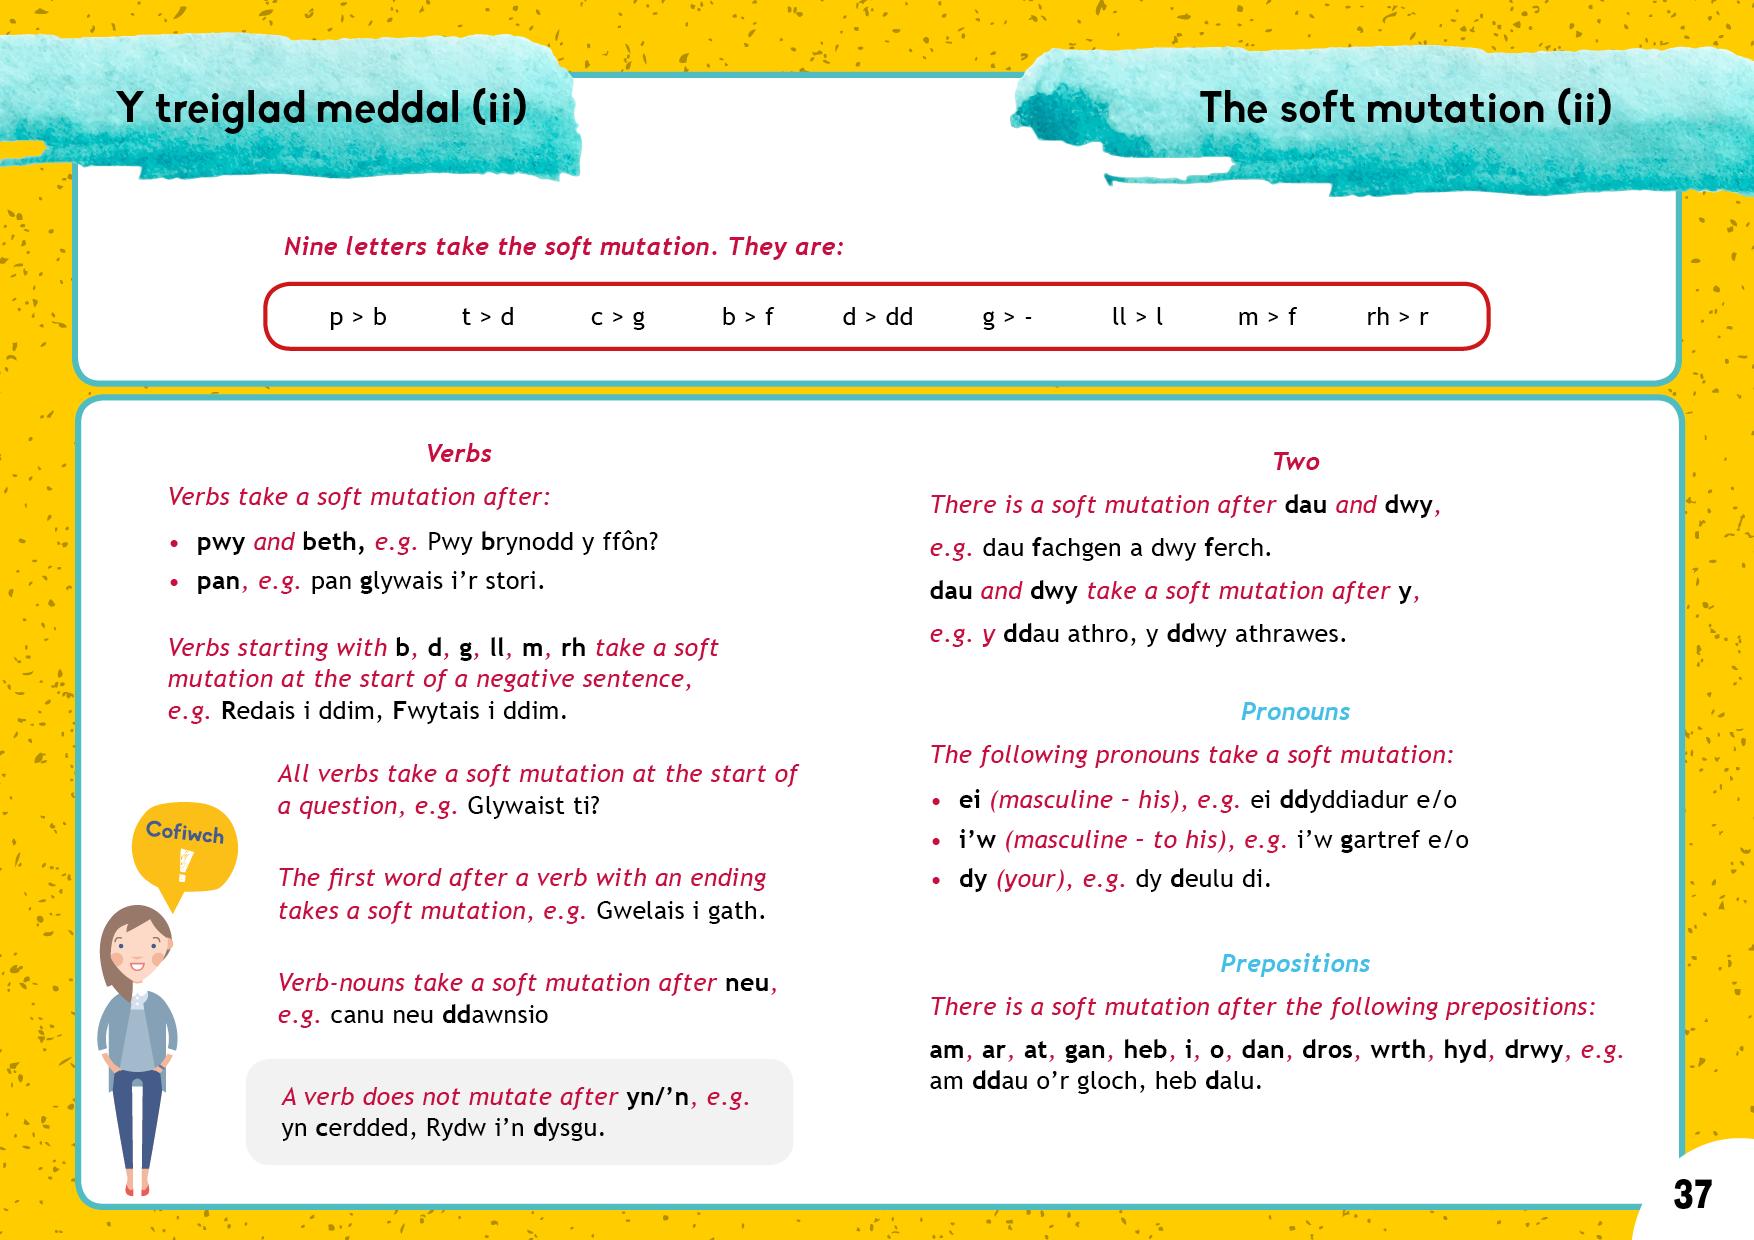 Y treiglad meddal (ii) | The soft mutation (ii)